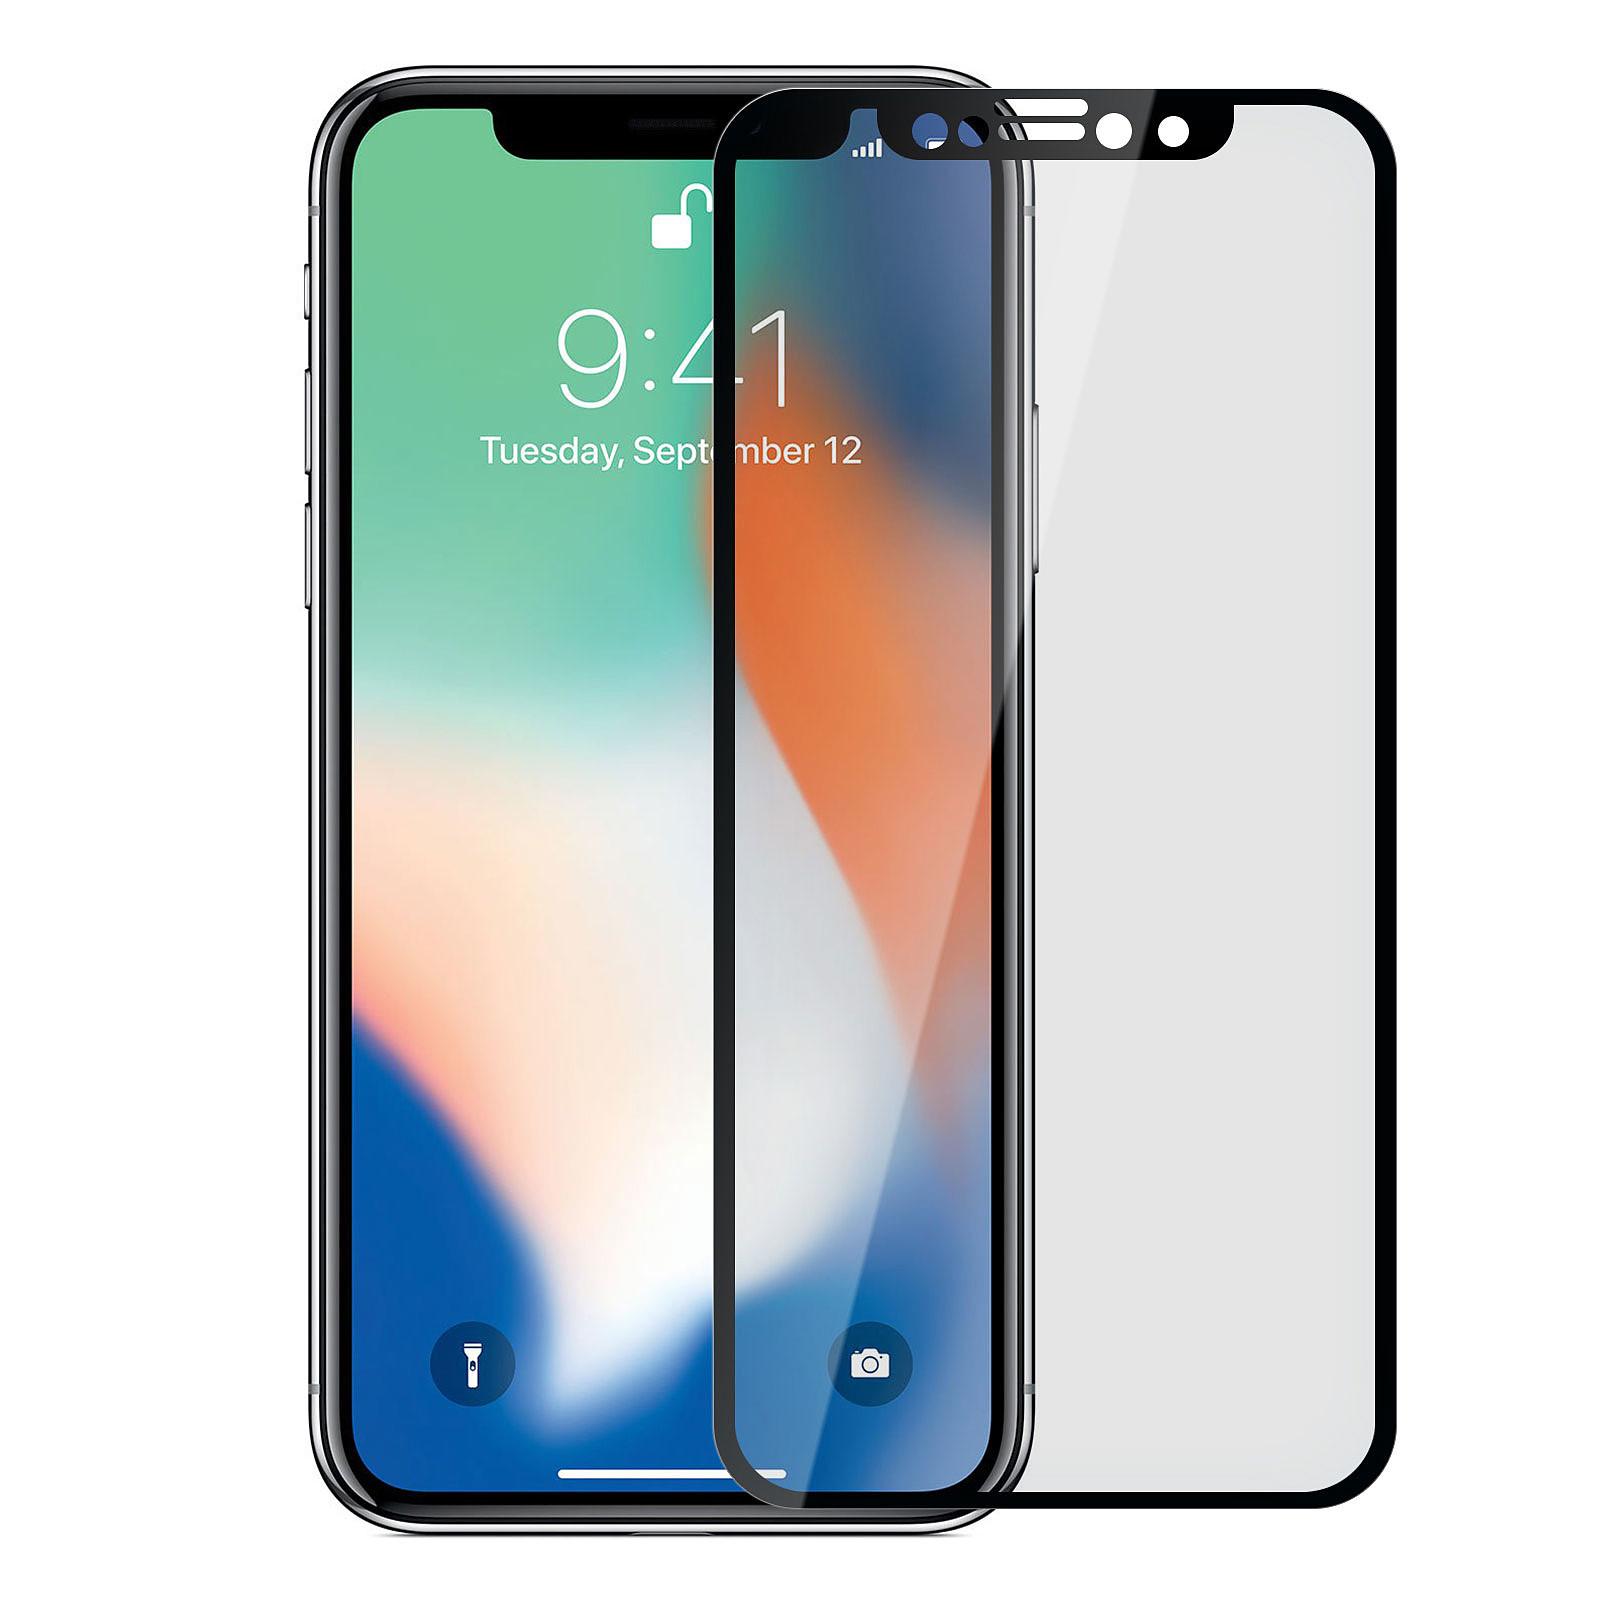 9c1c2944a40 Akashi Film Glass Empapado iPhone Xs Max Lámina protectora de vidrio  templado para Apple iPhone Xs